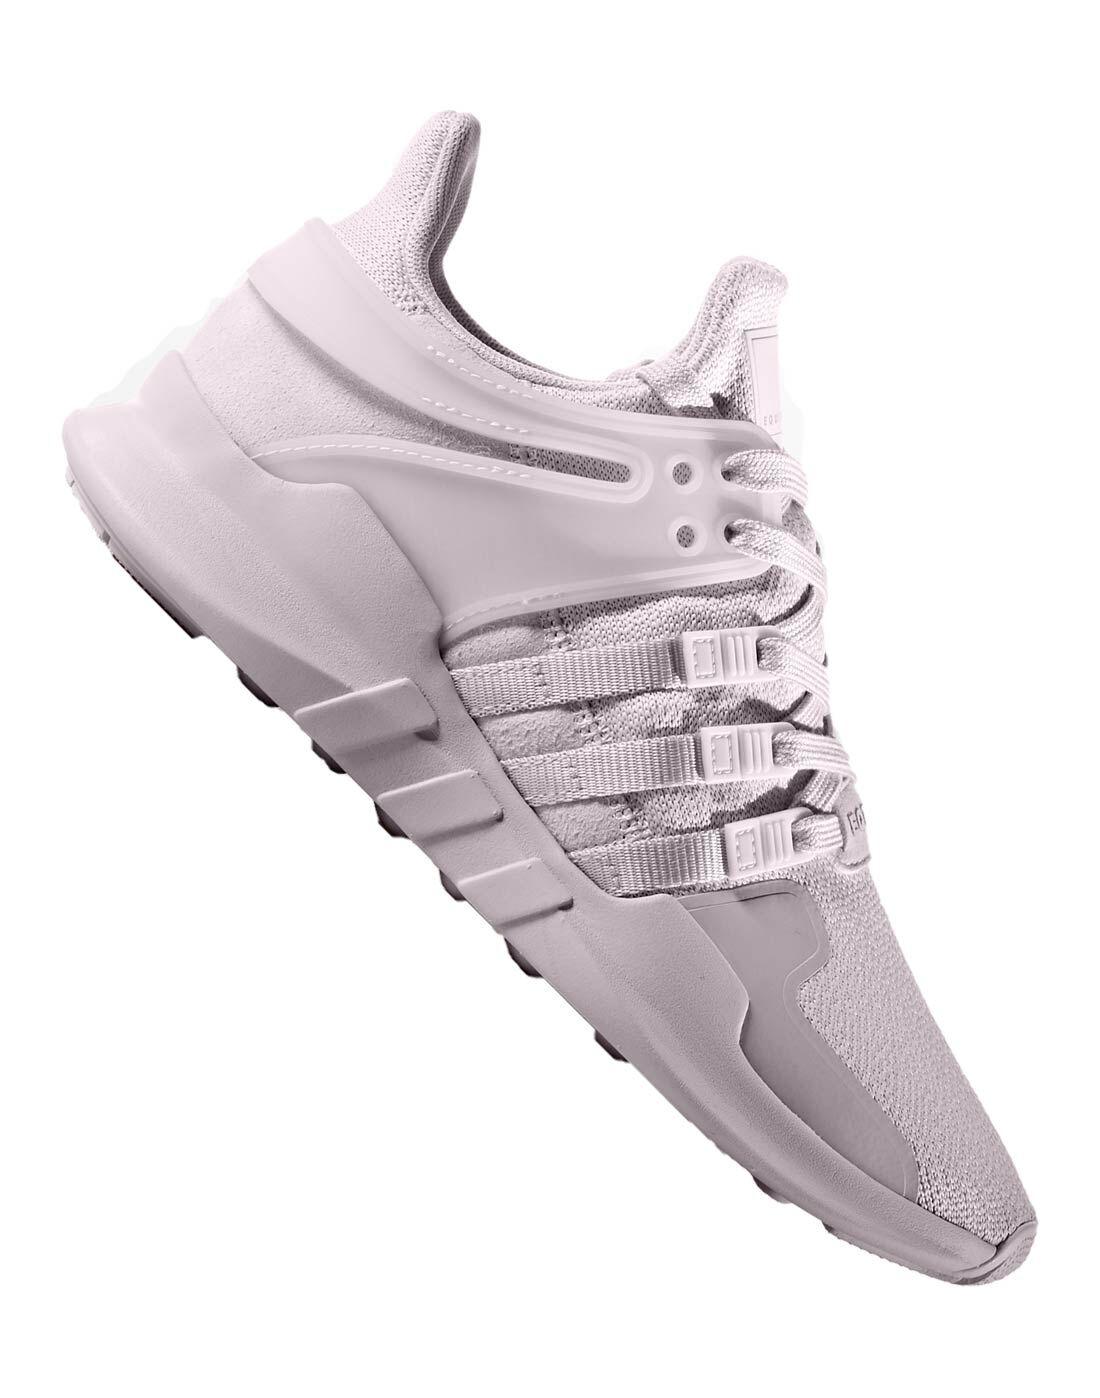 Adidas originali di donne eqt appoggio avanzata dello stile di vita sportiva viola